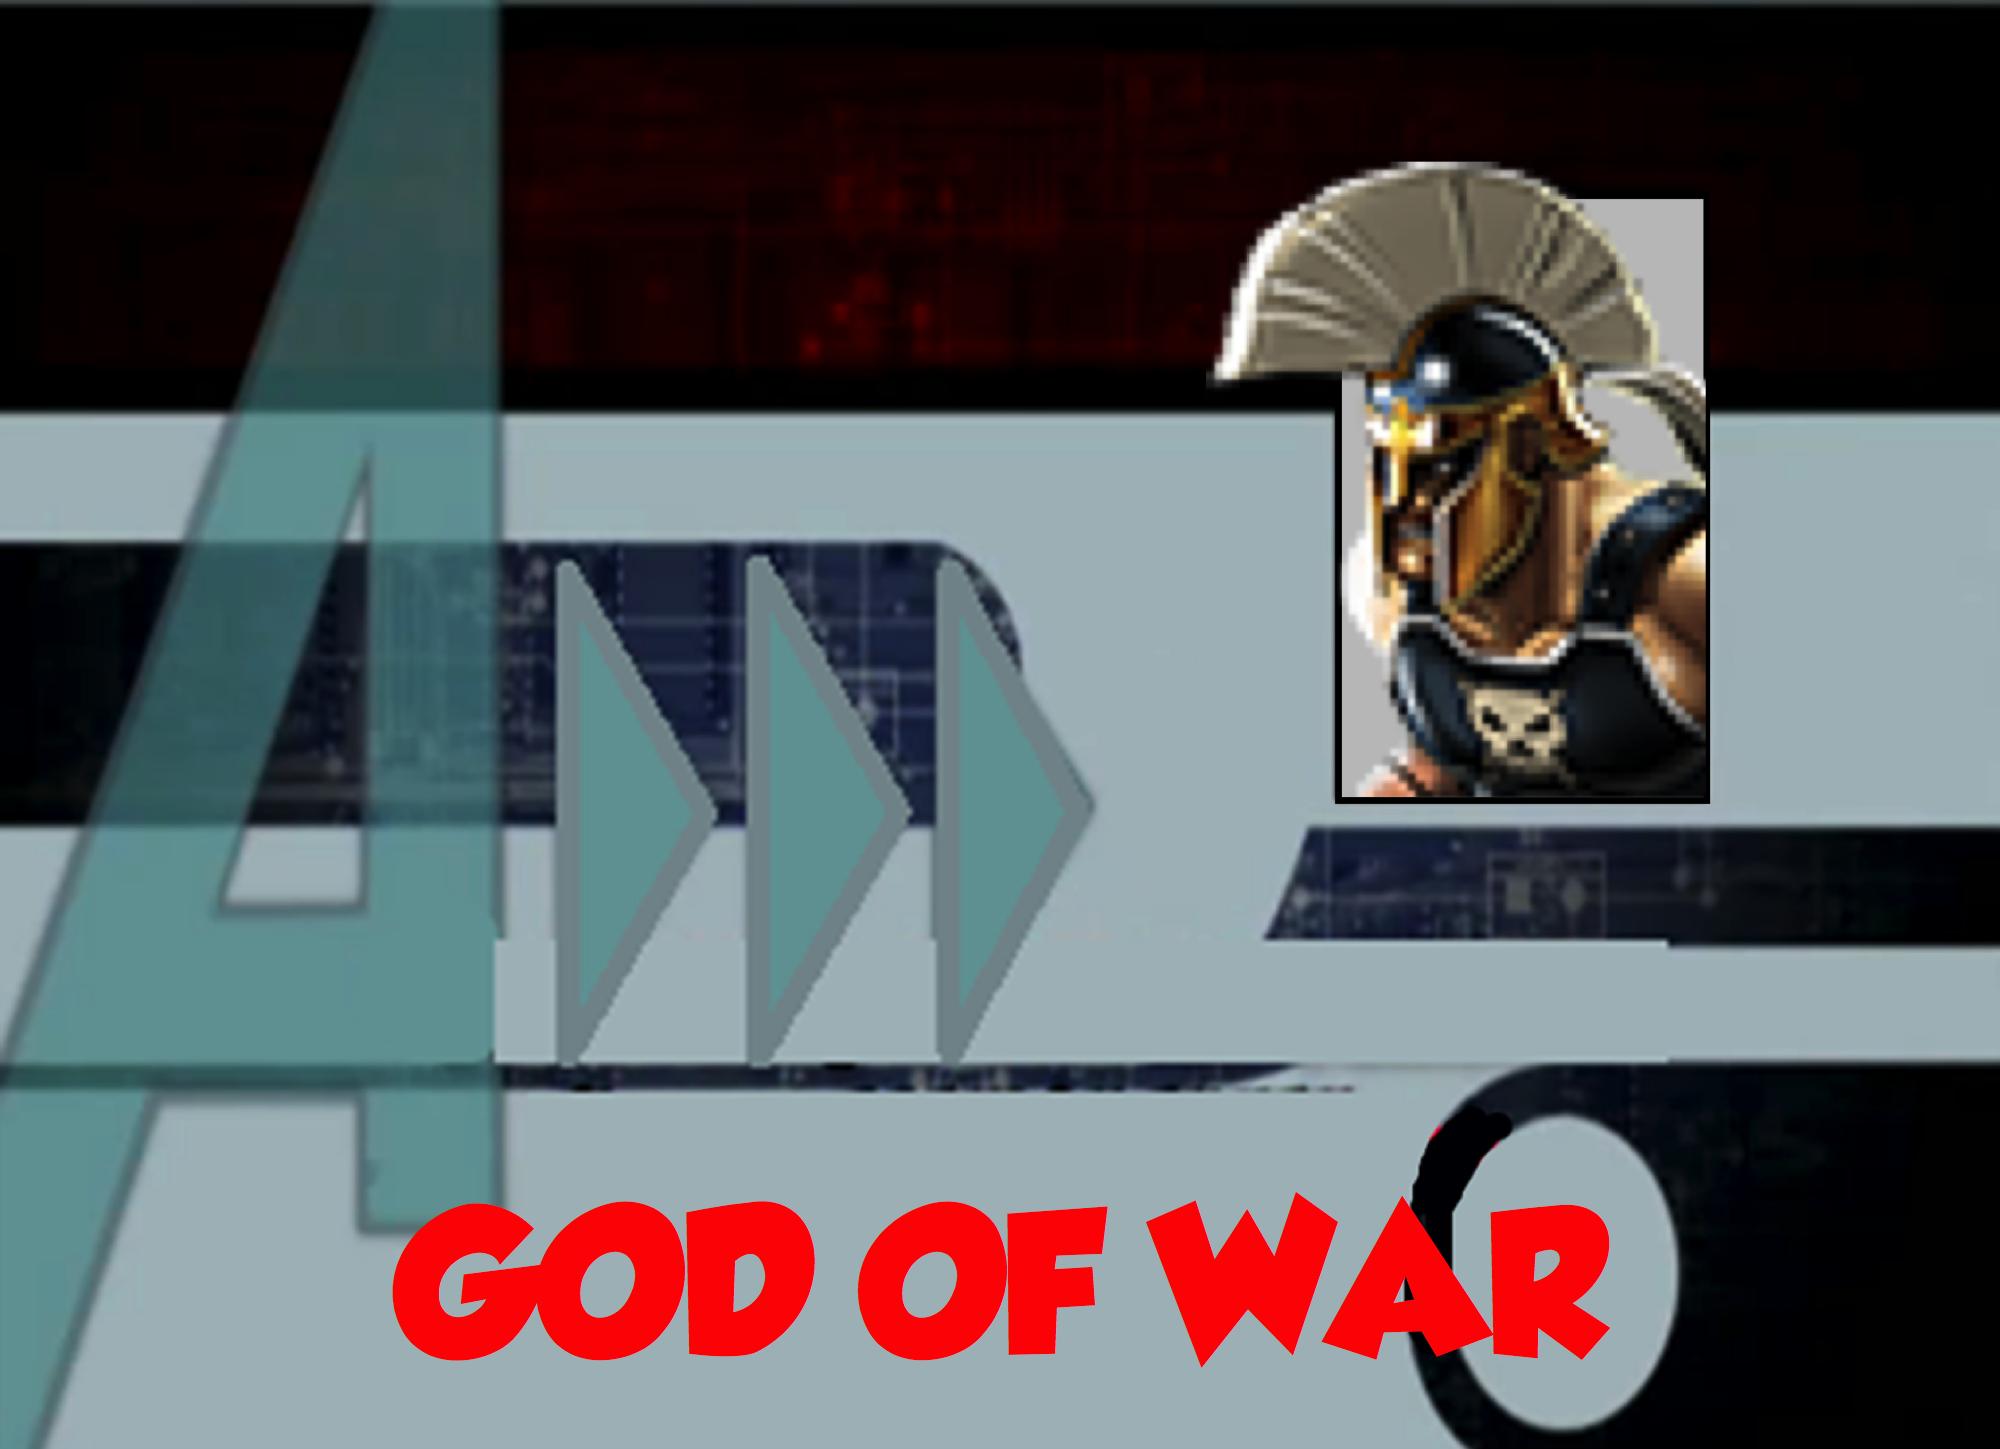 God of War (A!)